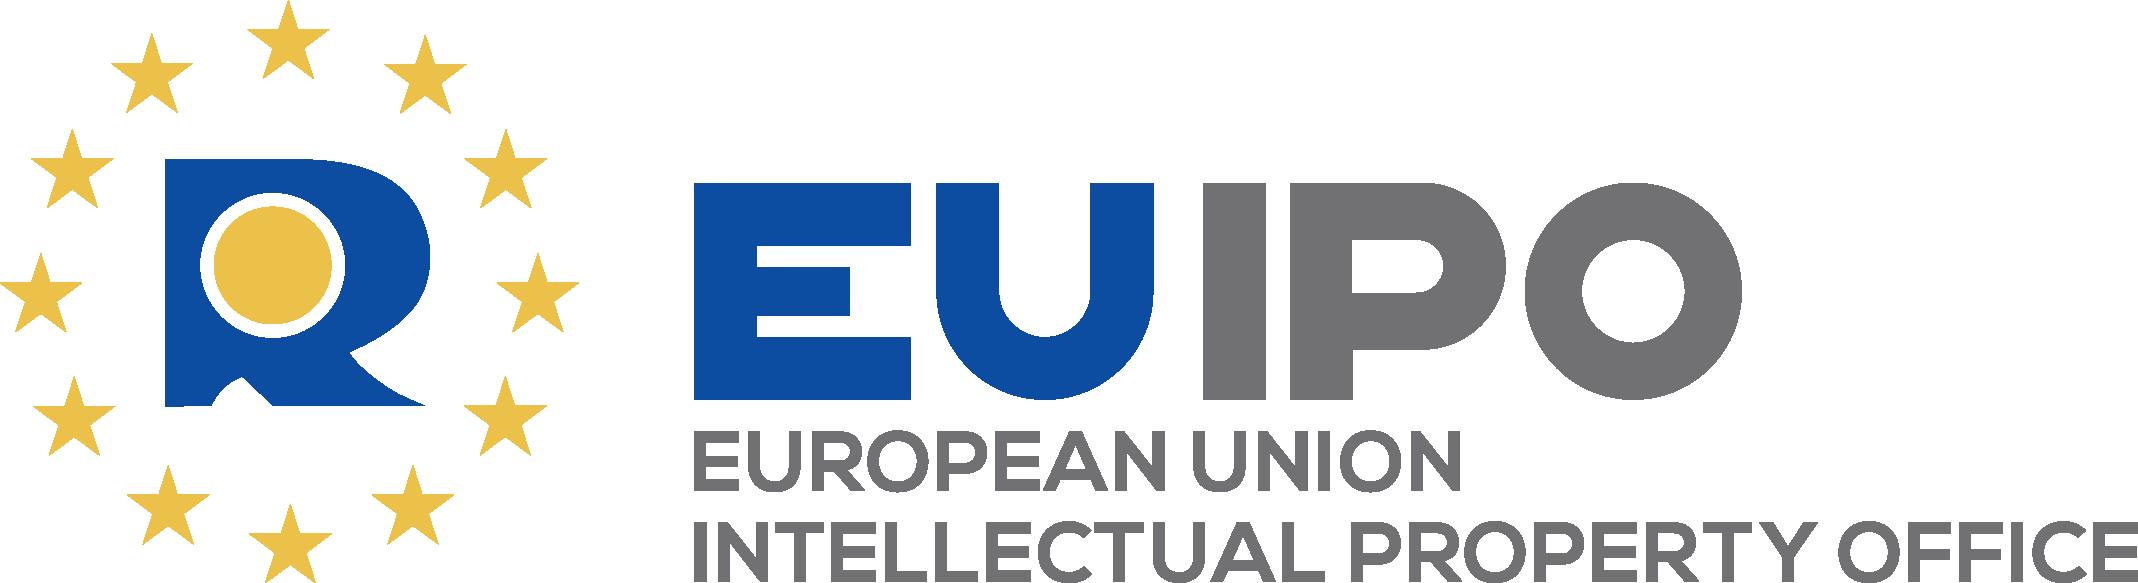 EUIPO logo